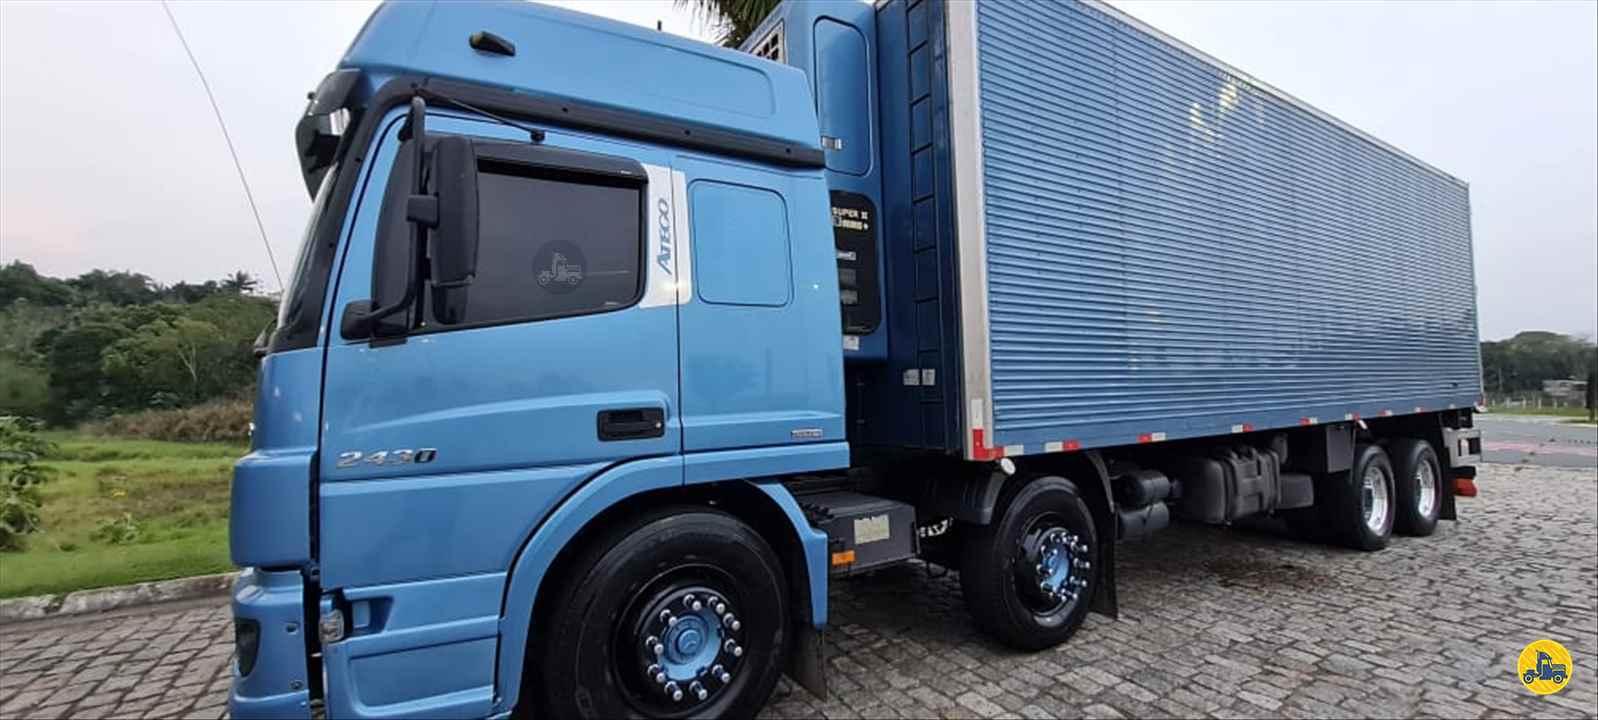 CAMINHAO MERCEDES-BENZ MB 2430 Chassis Truck 6x2 Transmap Caminhões SANTA ROSA RIO GRANDE DO SUL RS